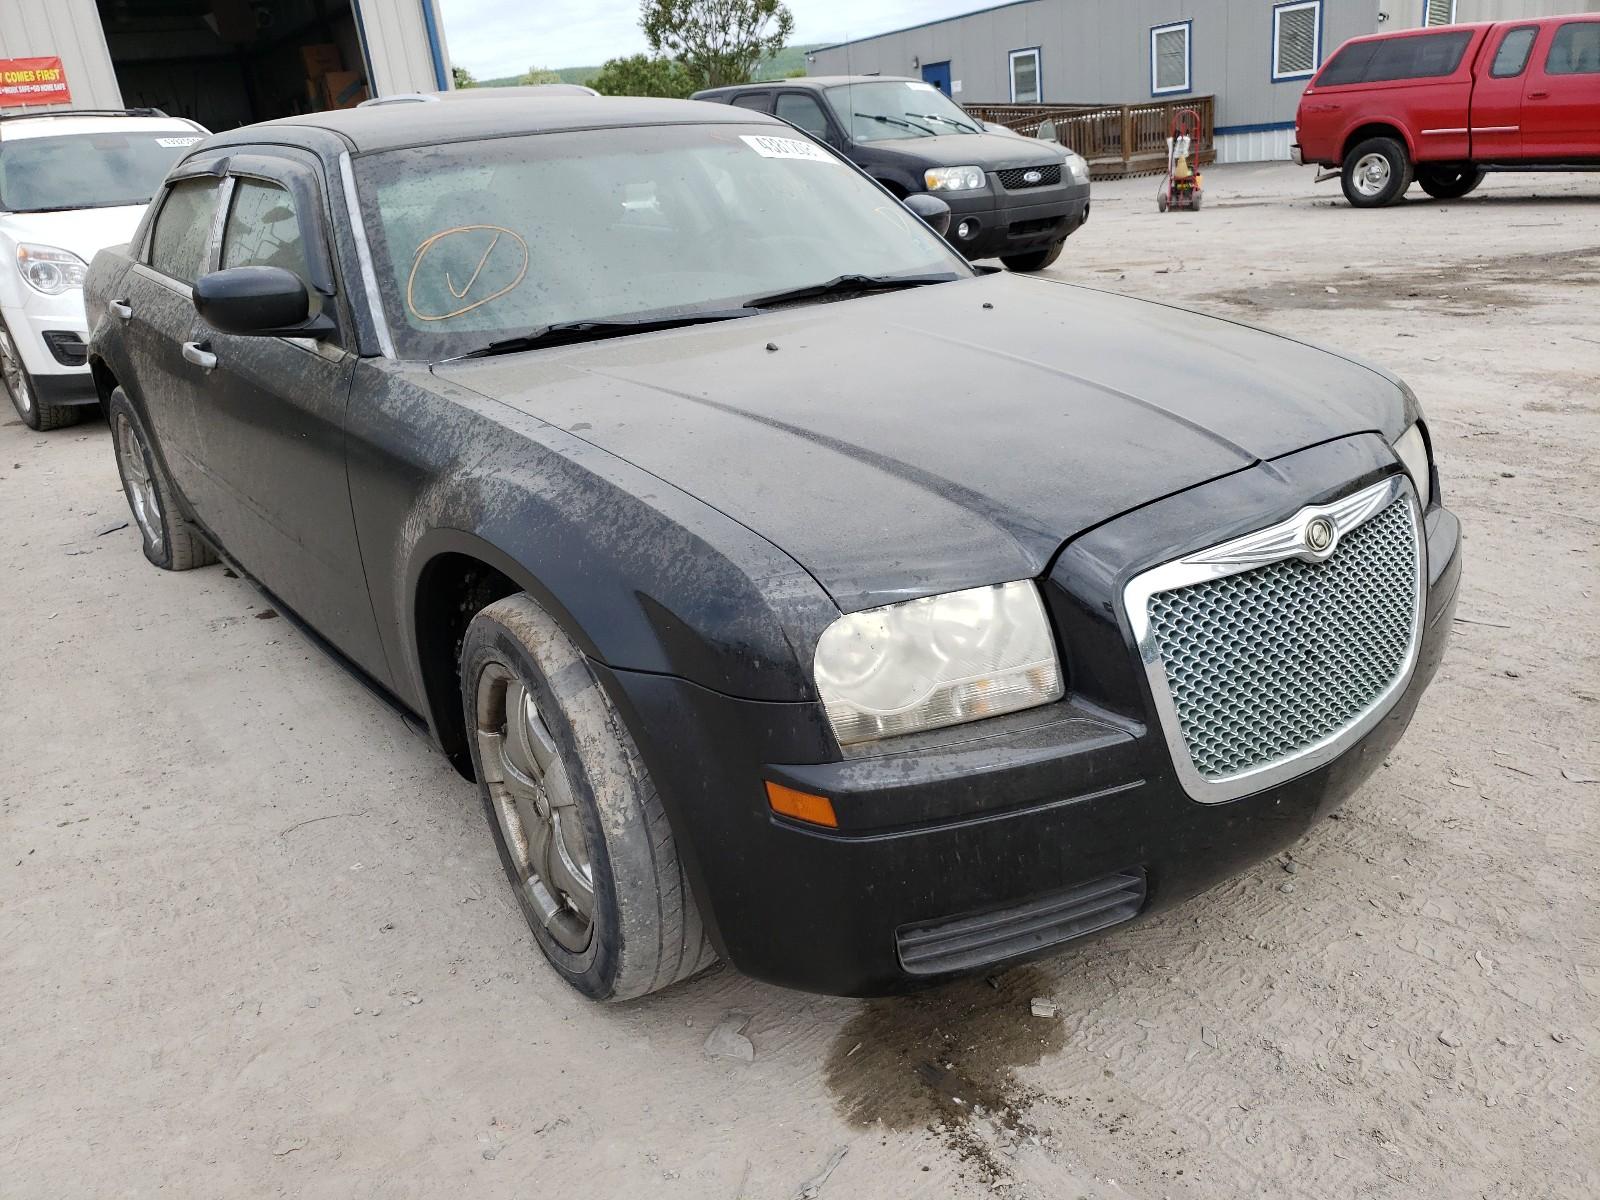 2006 CHRYSLER 300 - 2C3LA43R16H250450